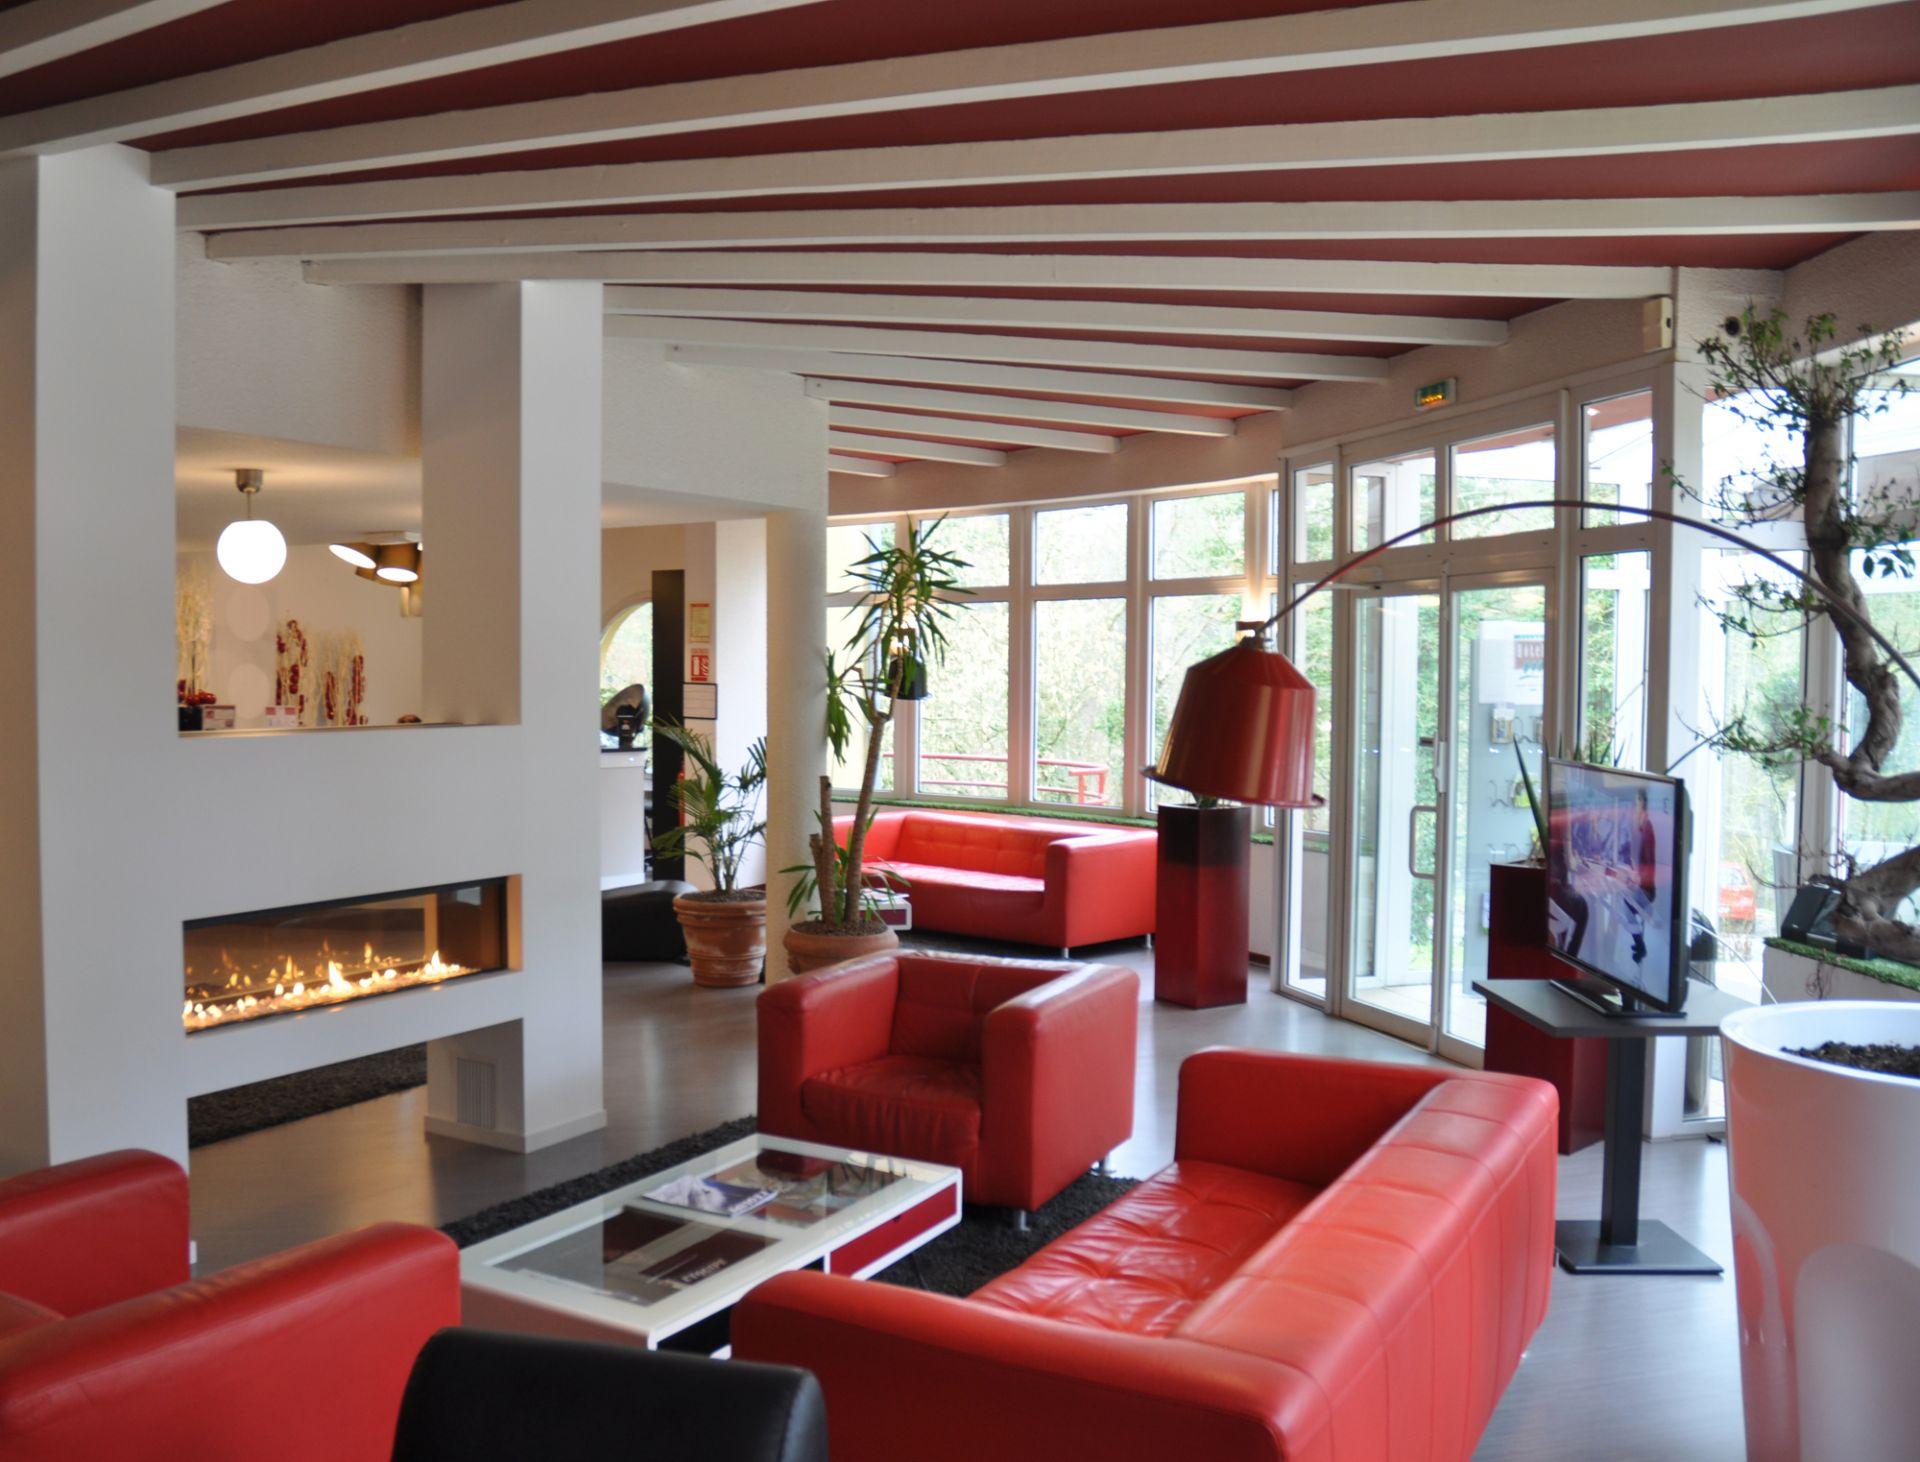 Hotel orion restaurant gargantua - Lorraine Tourisme